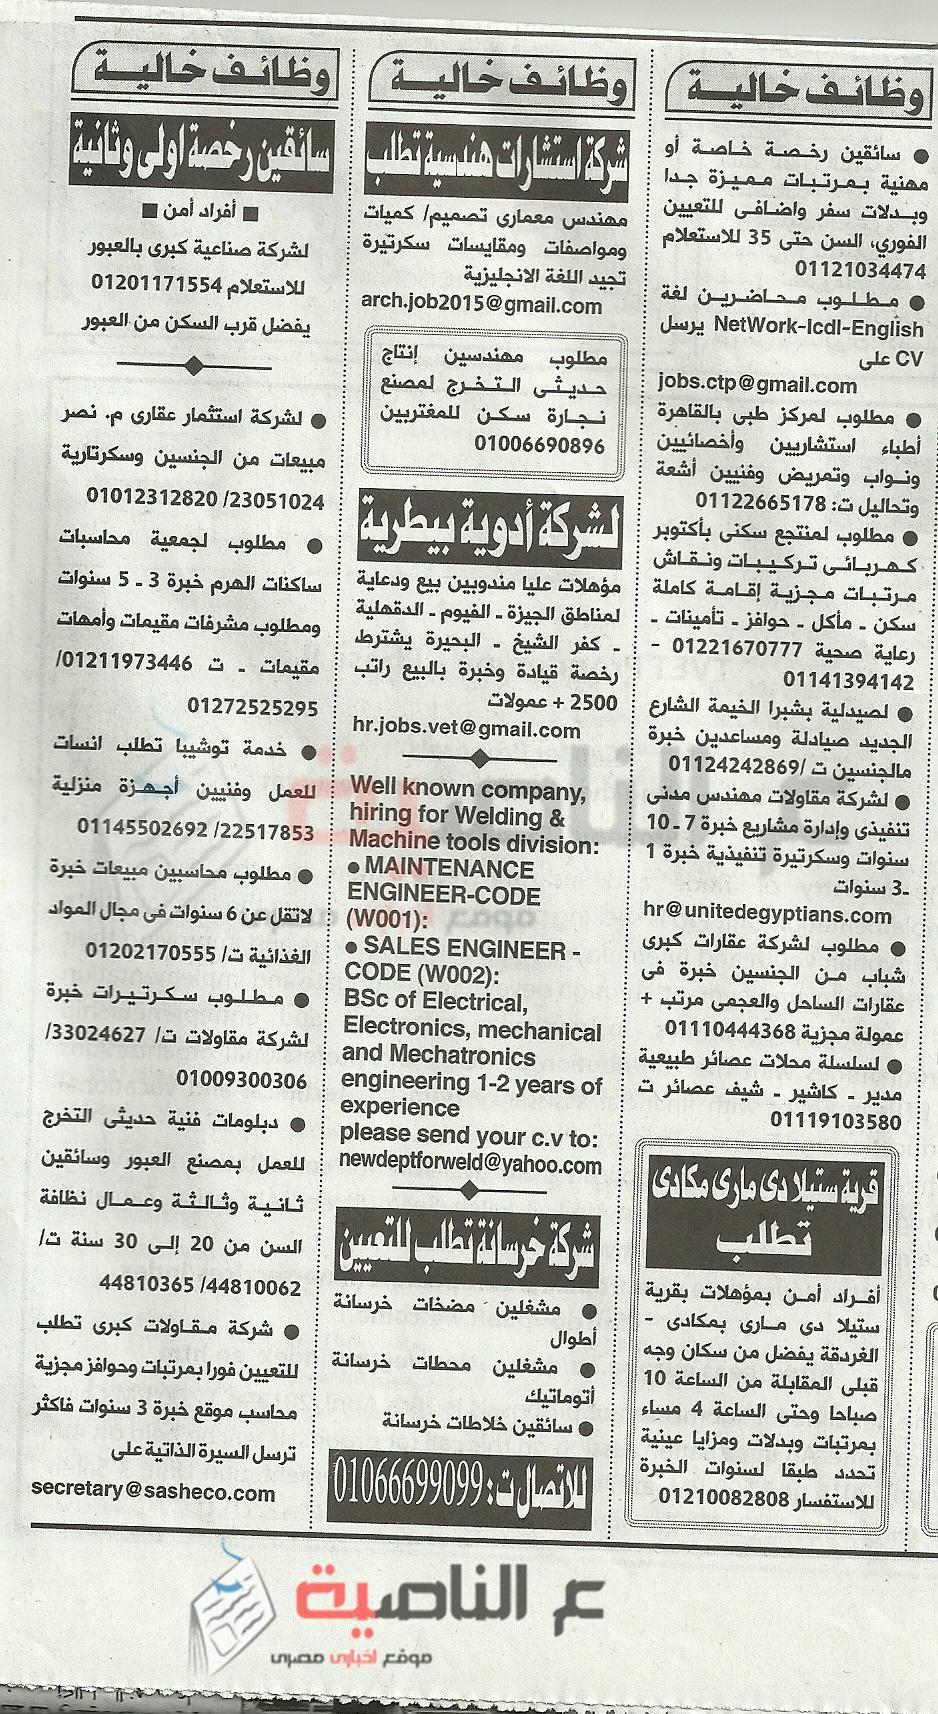 7وظائف جريدة الأهرام 3-4-2016